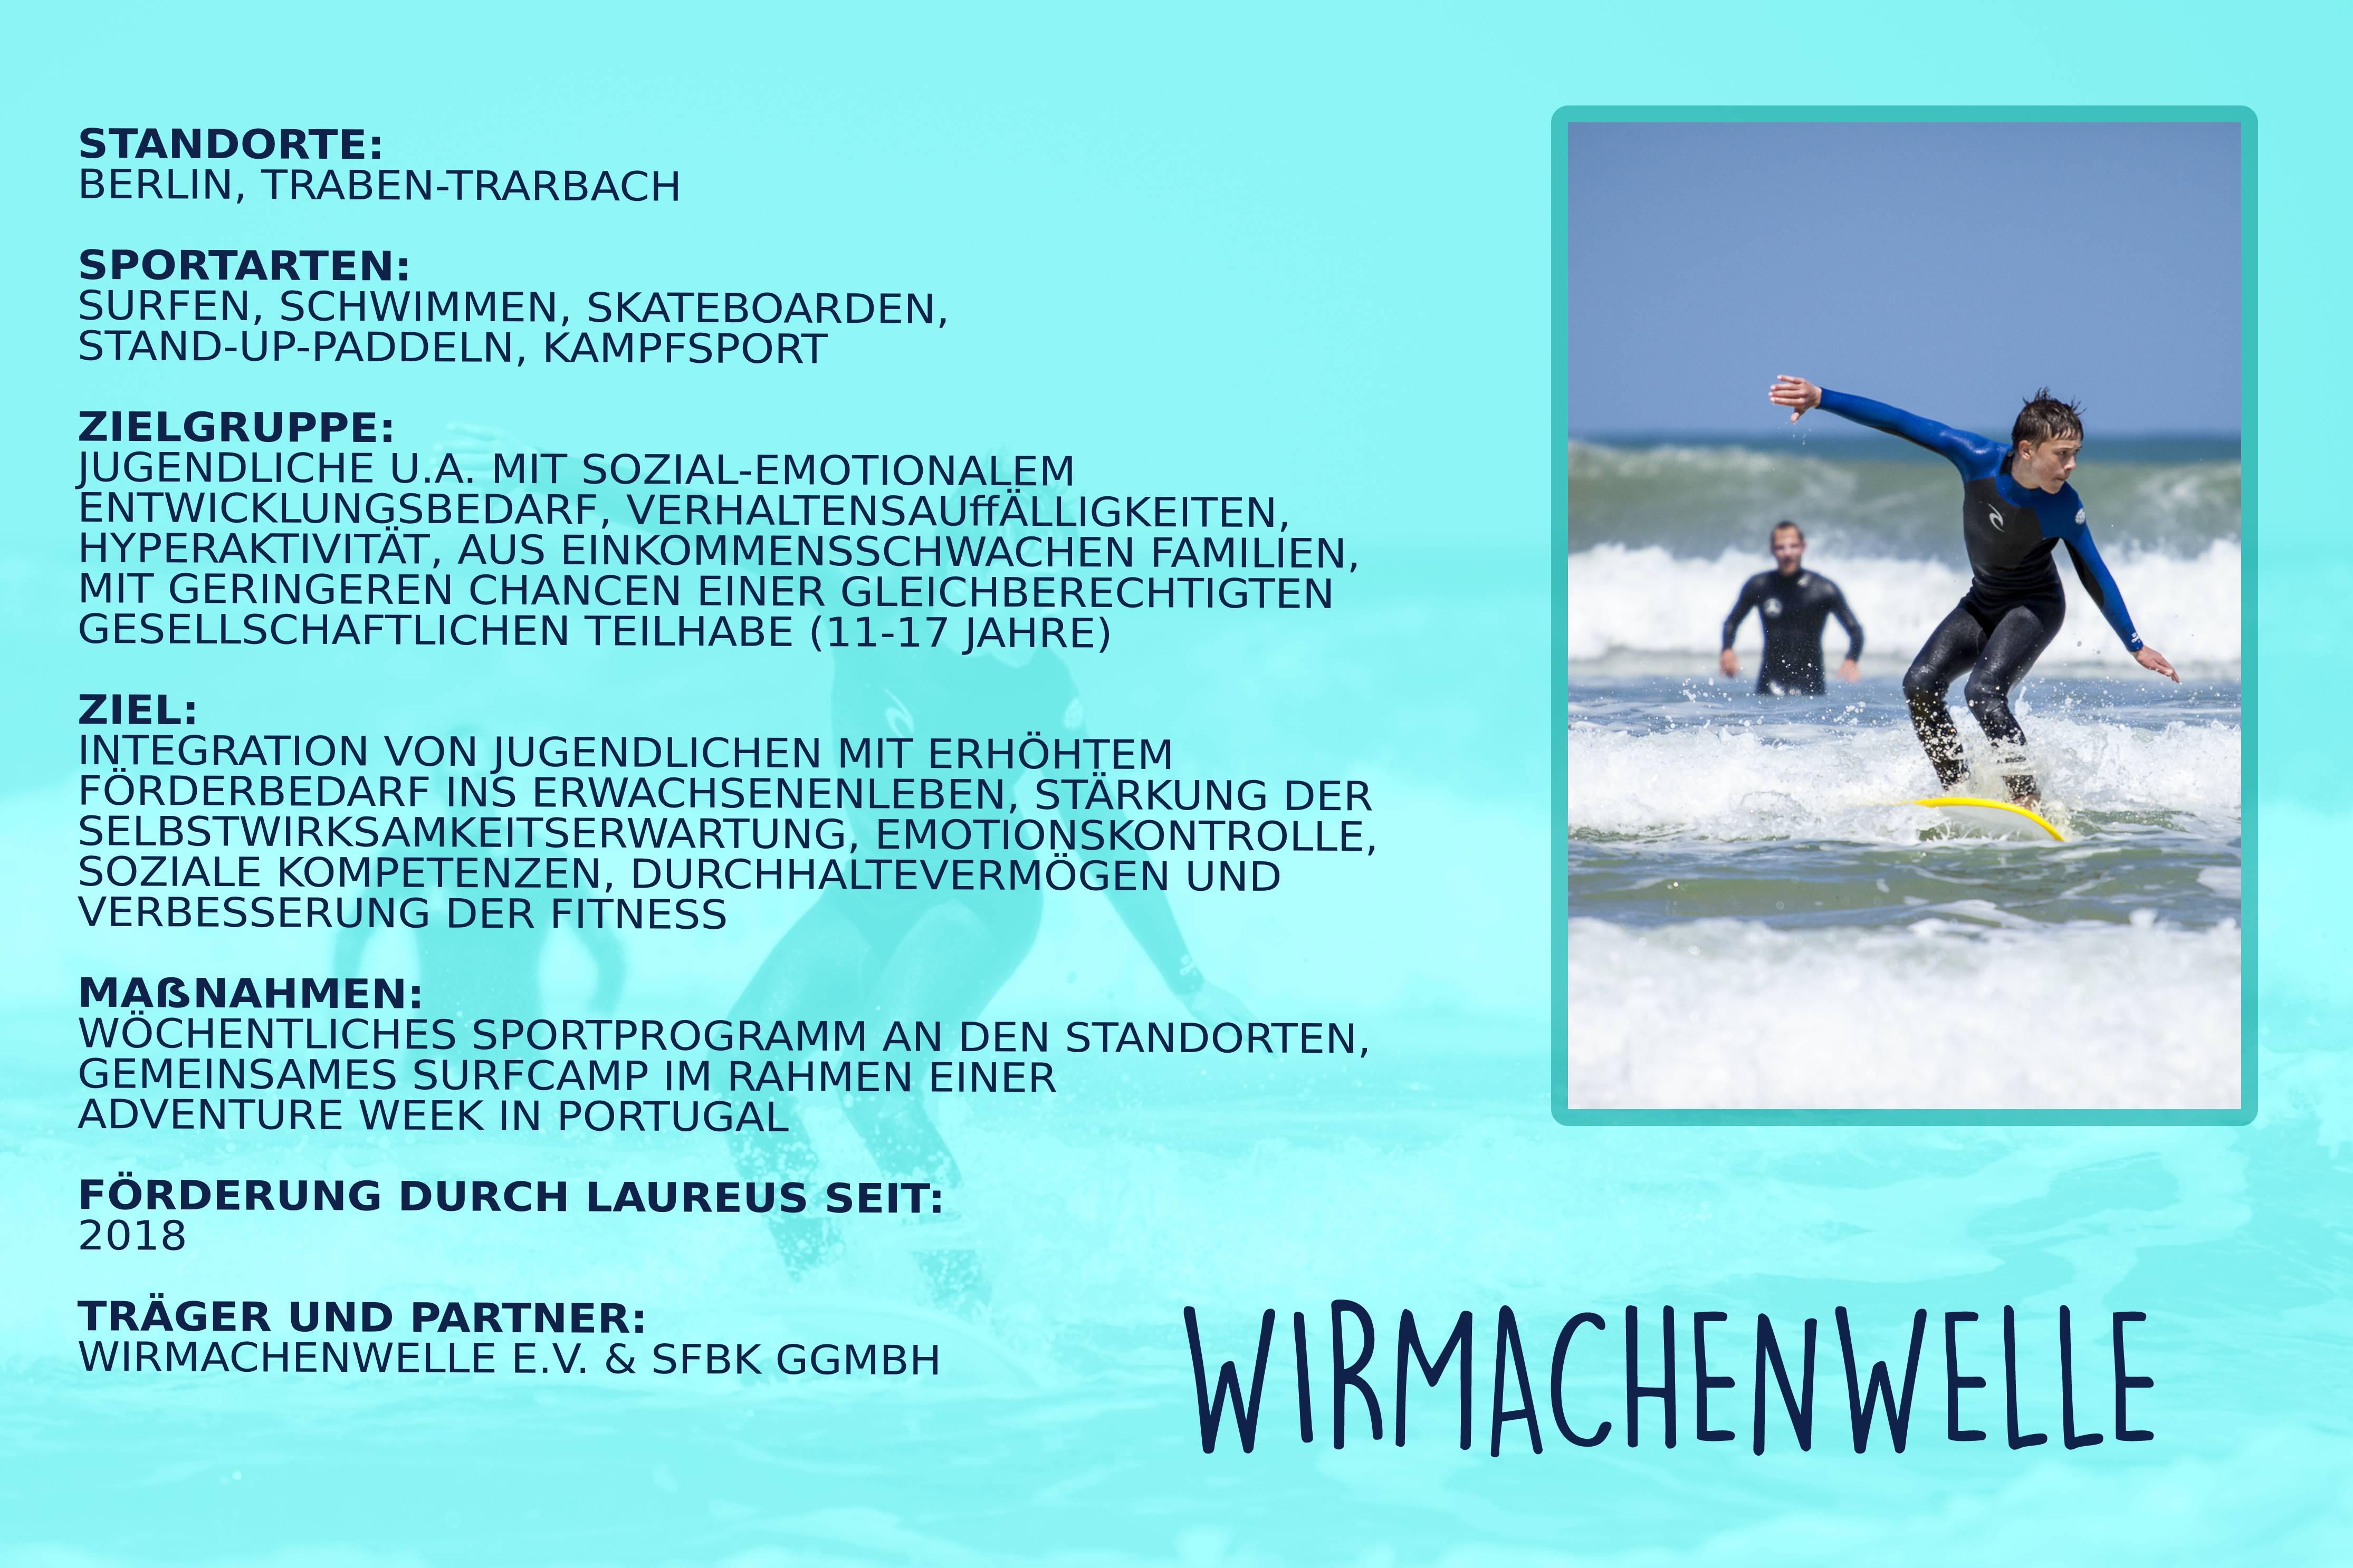 Laureus soziales Sportprojekt Berlin, Hamburg, Nürnberg, Traben-Trarbach - wirmachenwelle